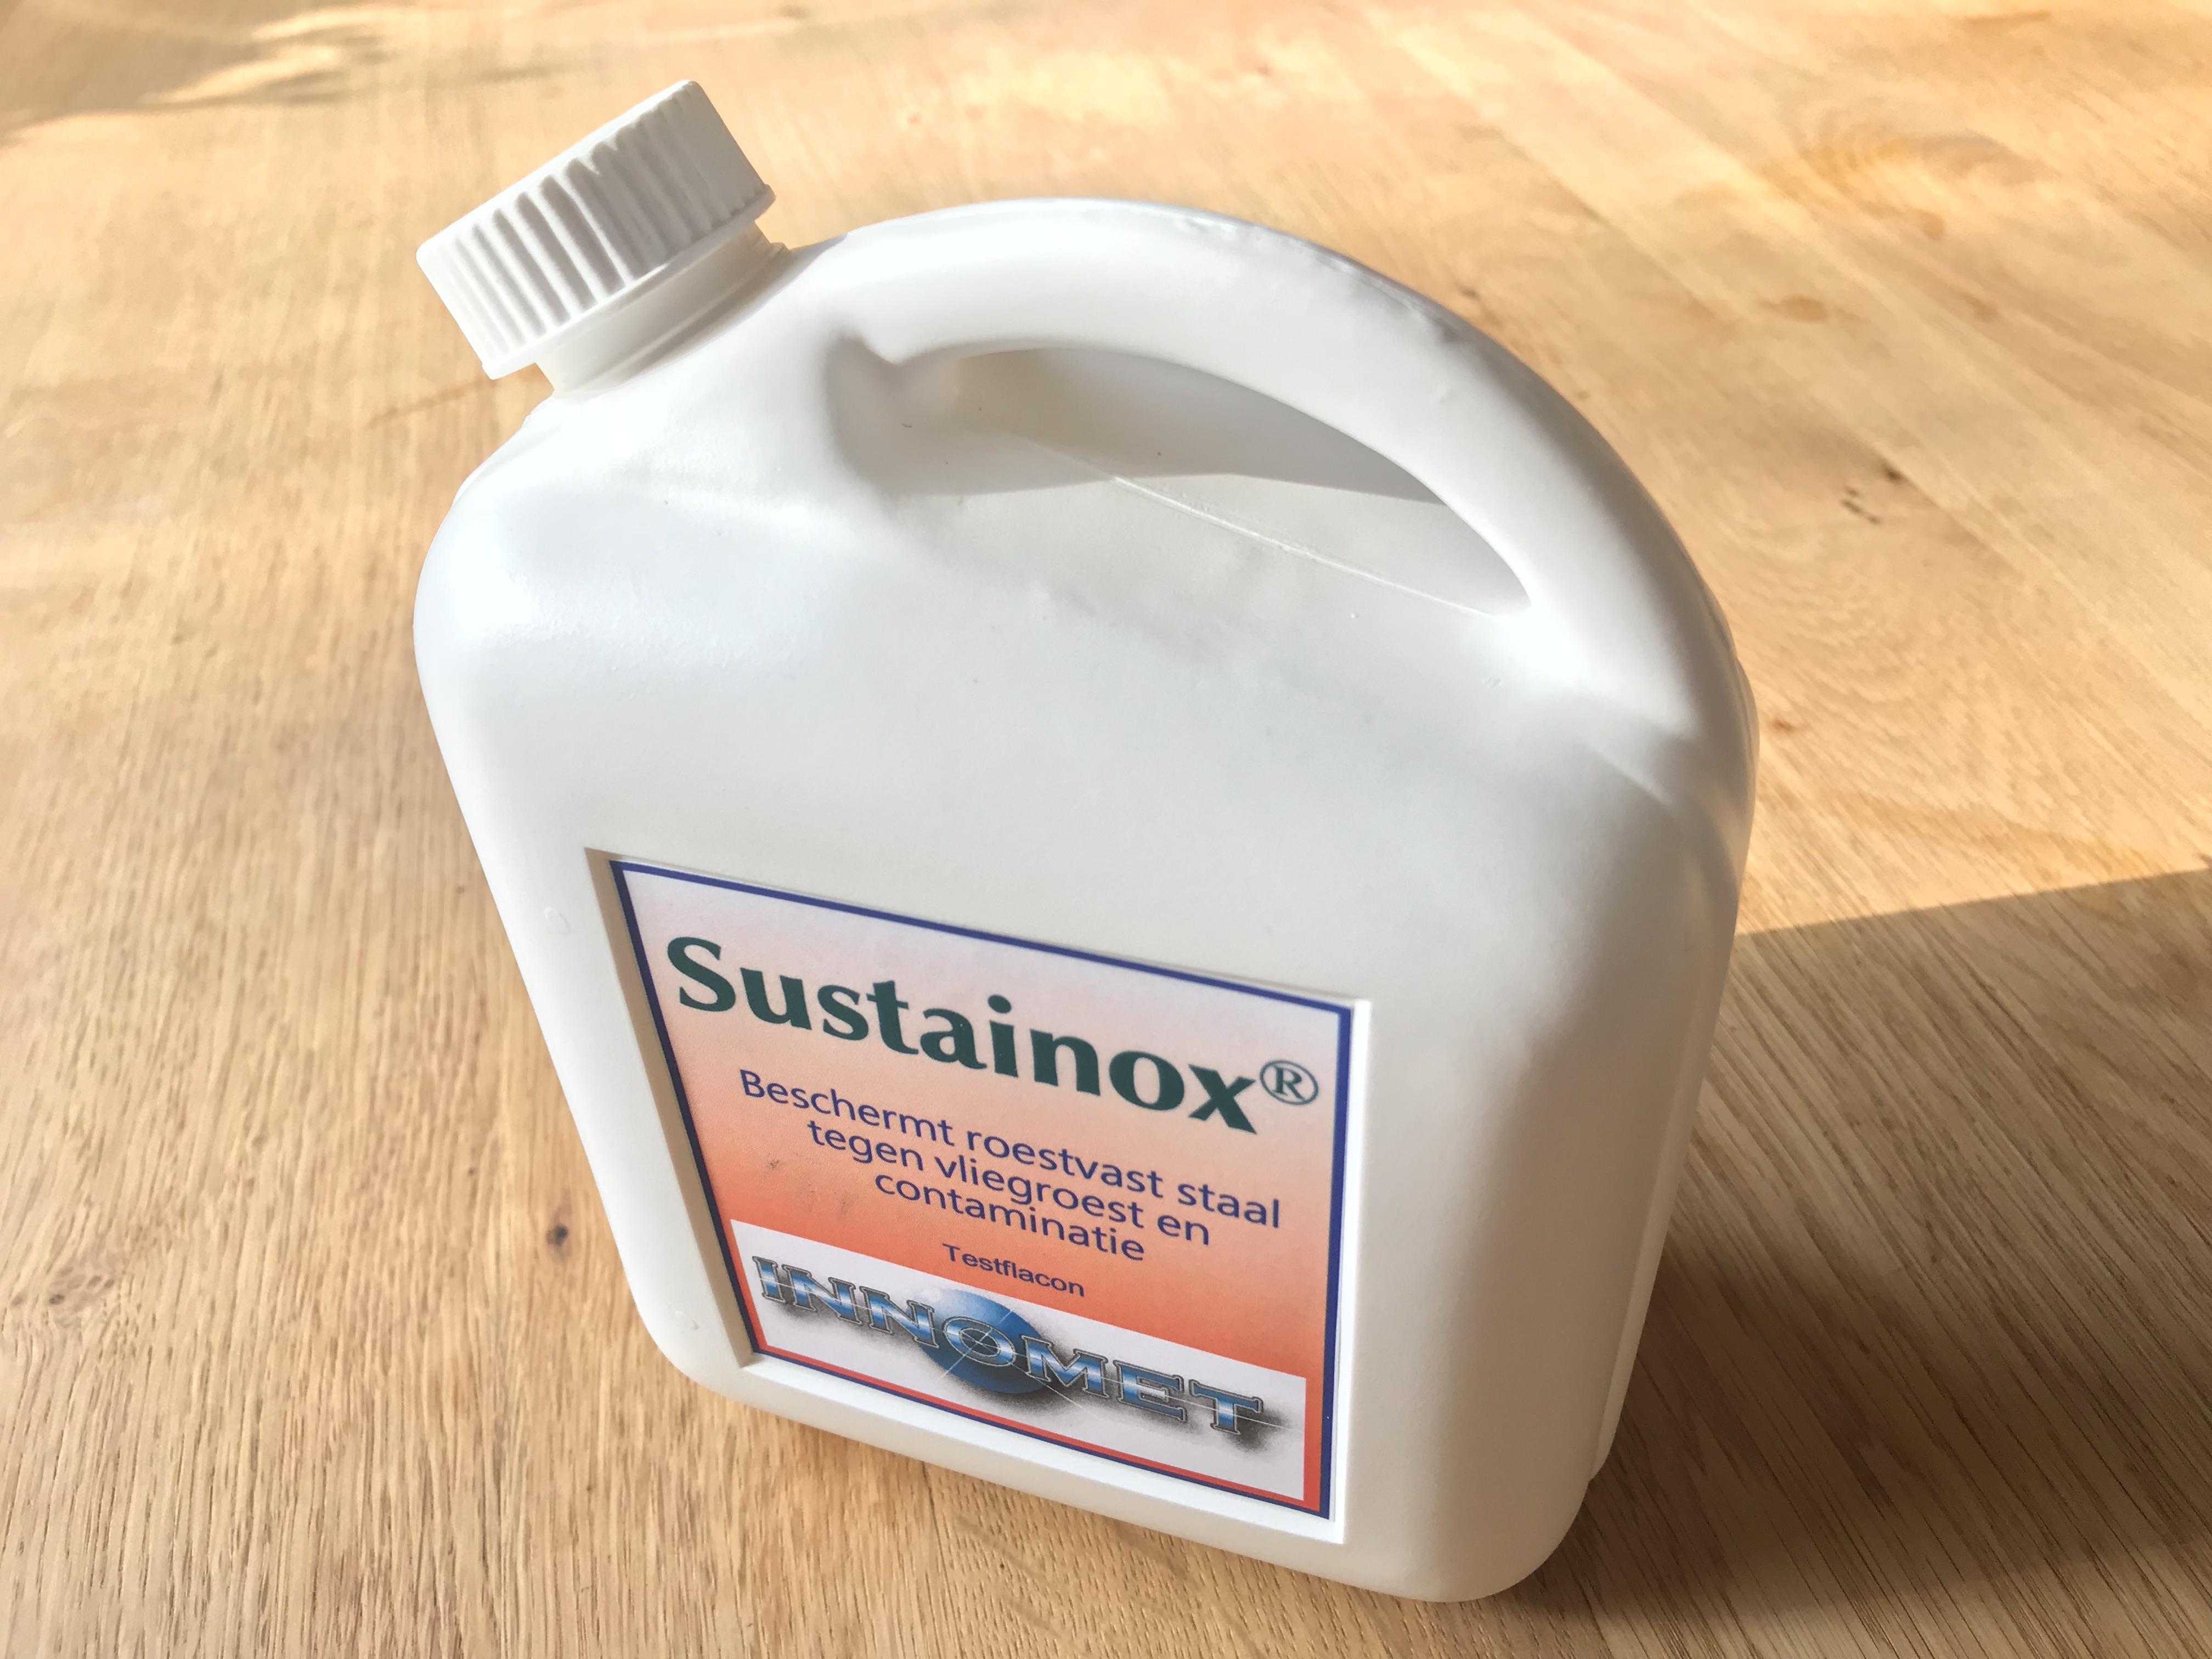 Sustainox roestvast staal bescherming